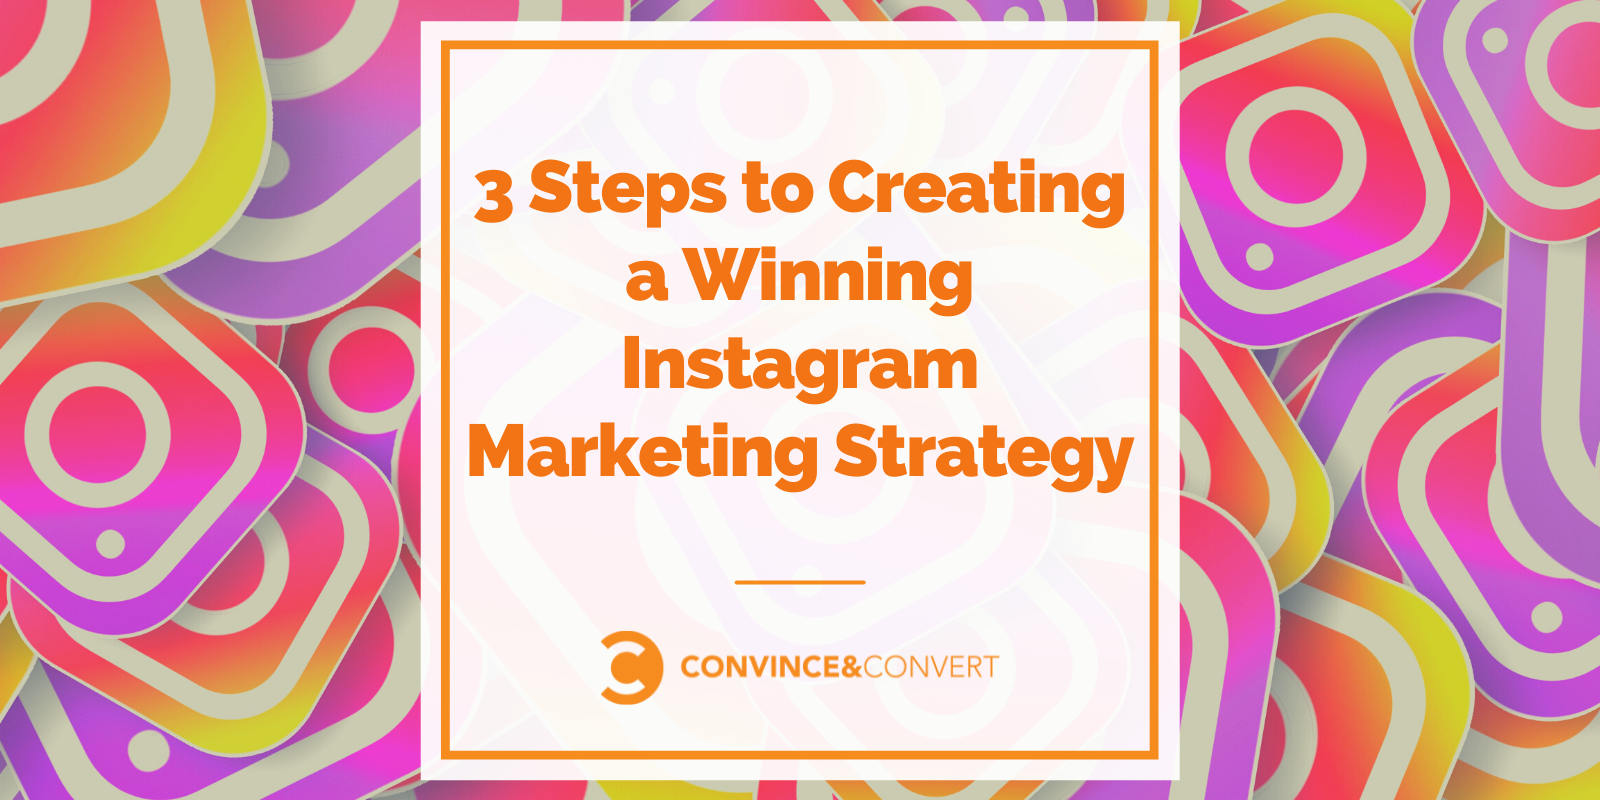 3 passaggi per creare una strategia di marketing vincente su Instagram